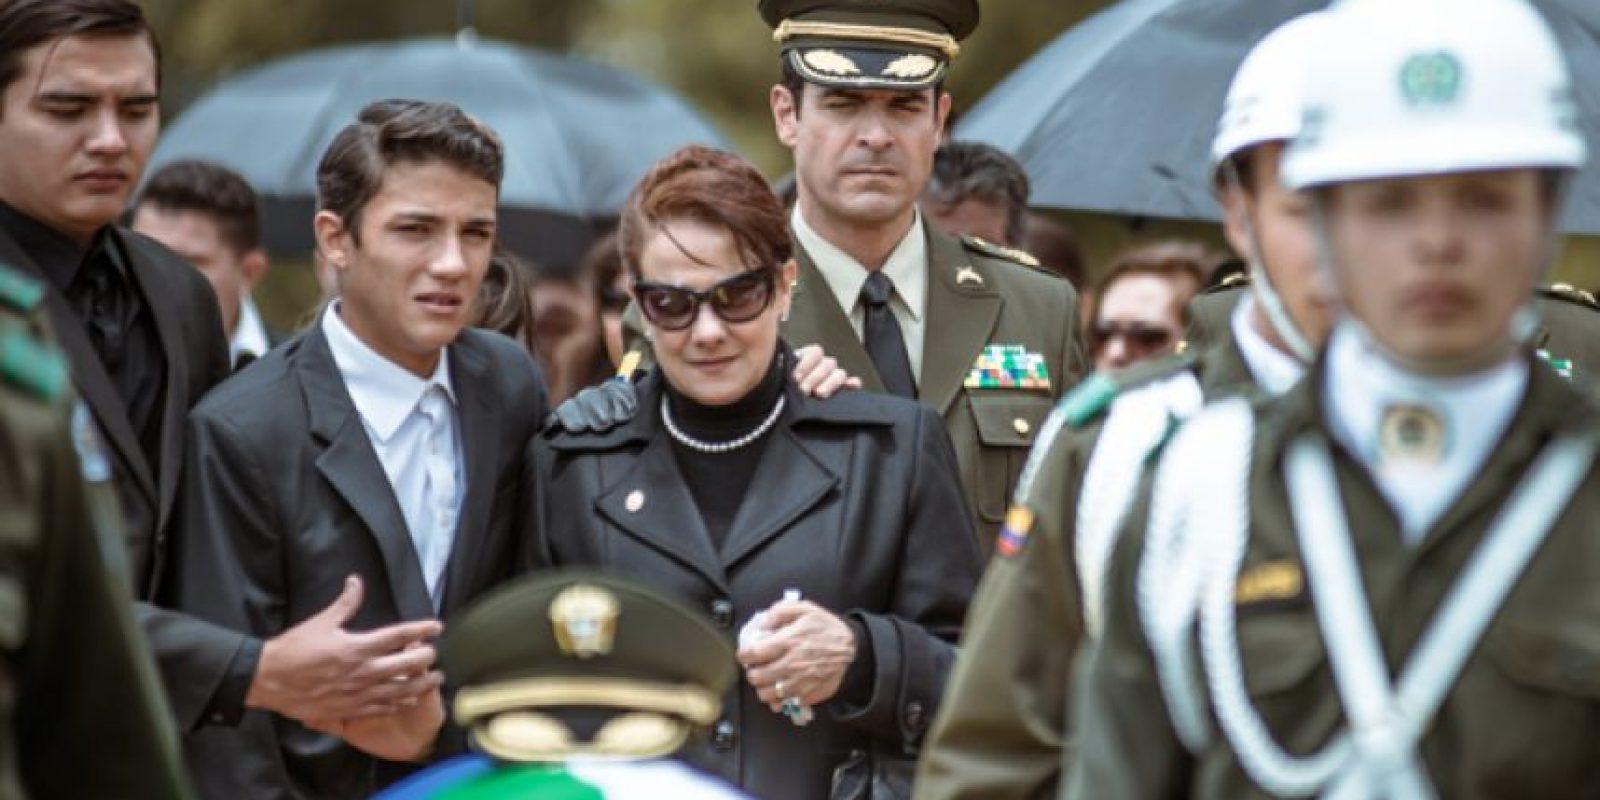 Foto:Cortesía Prensa Canal RCN